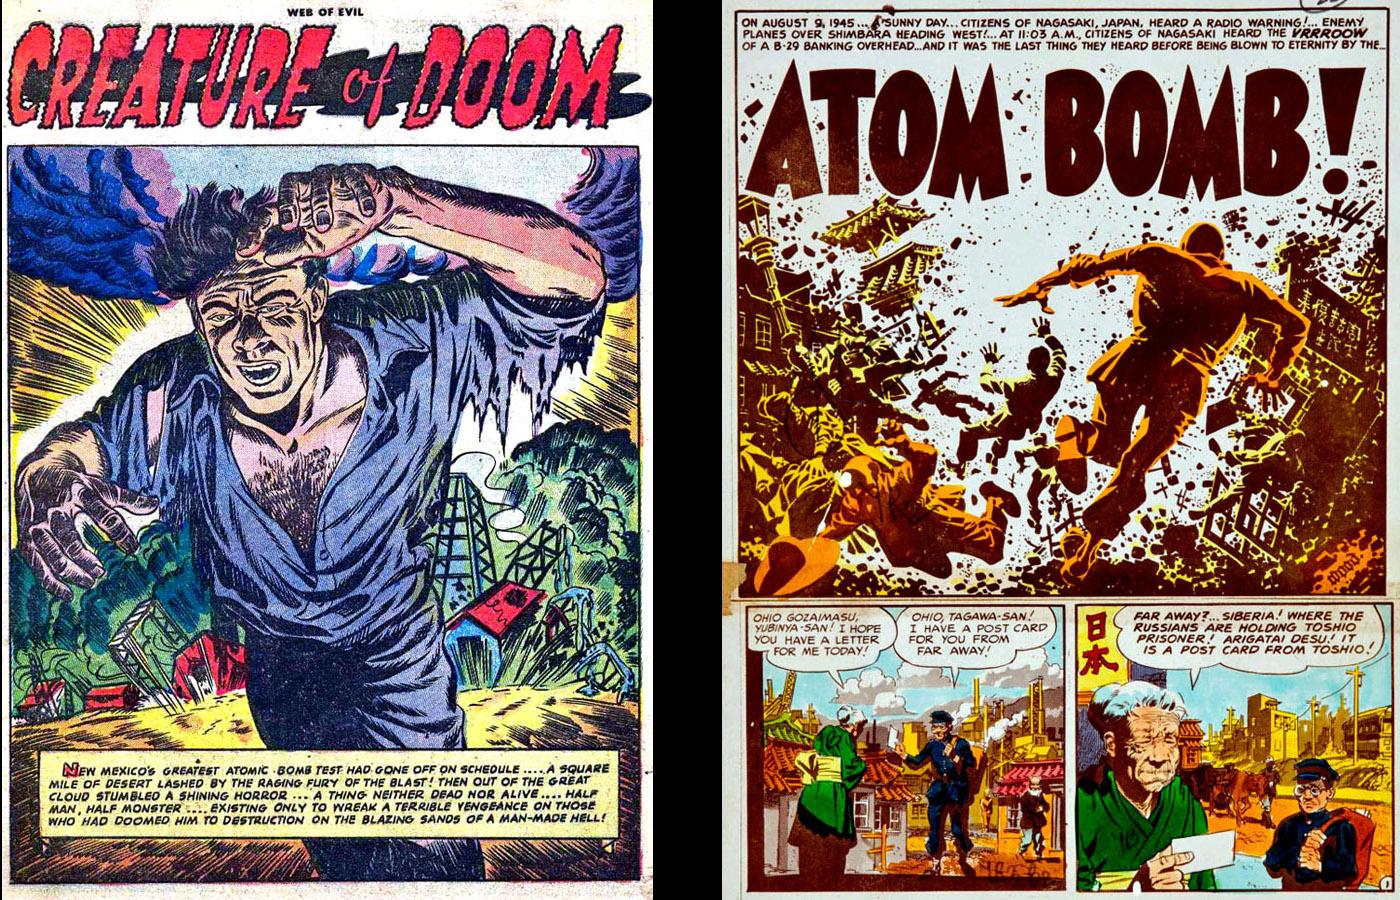 AtomBombs